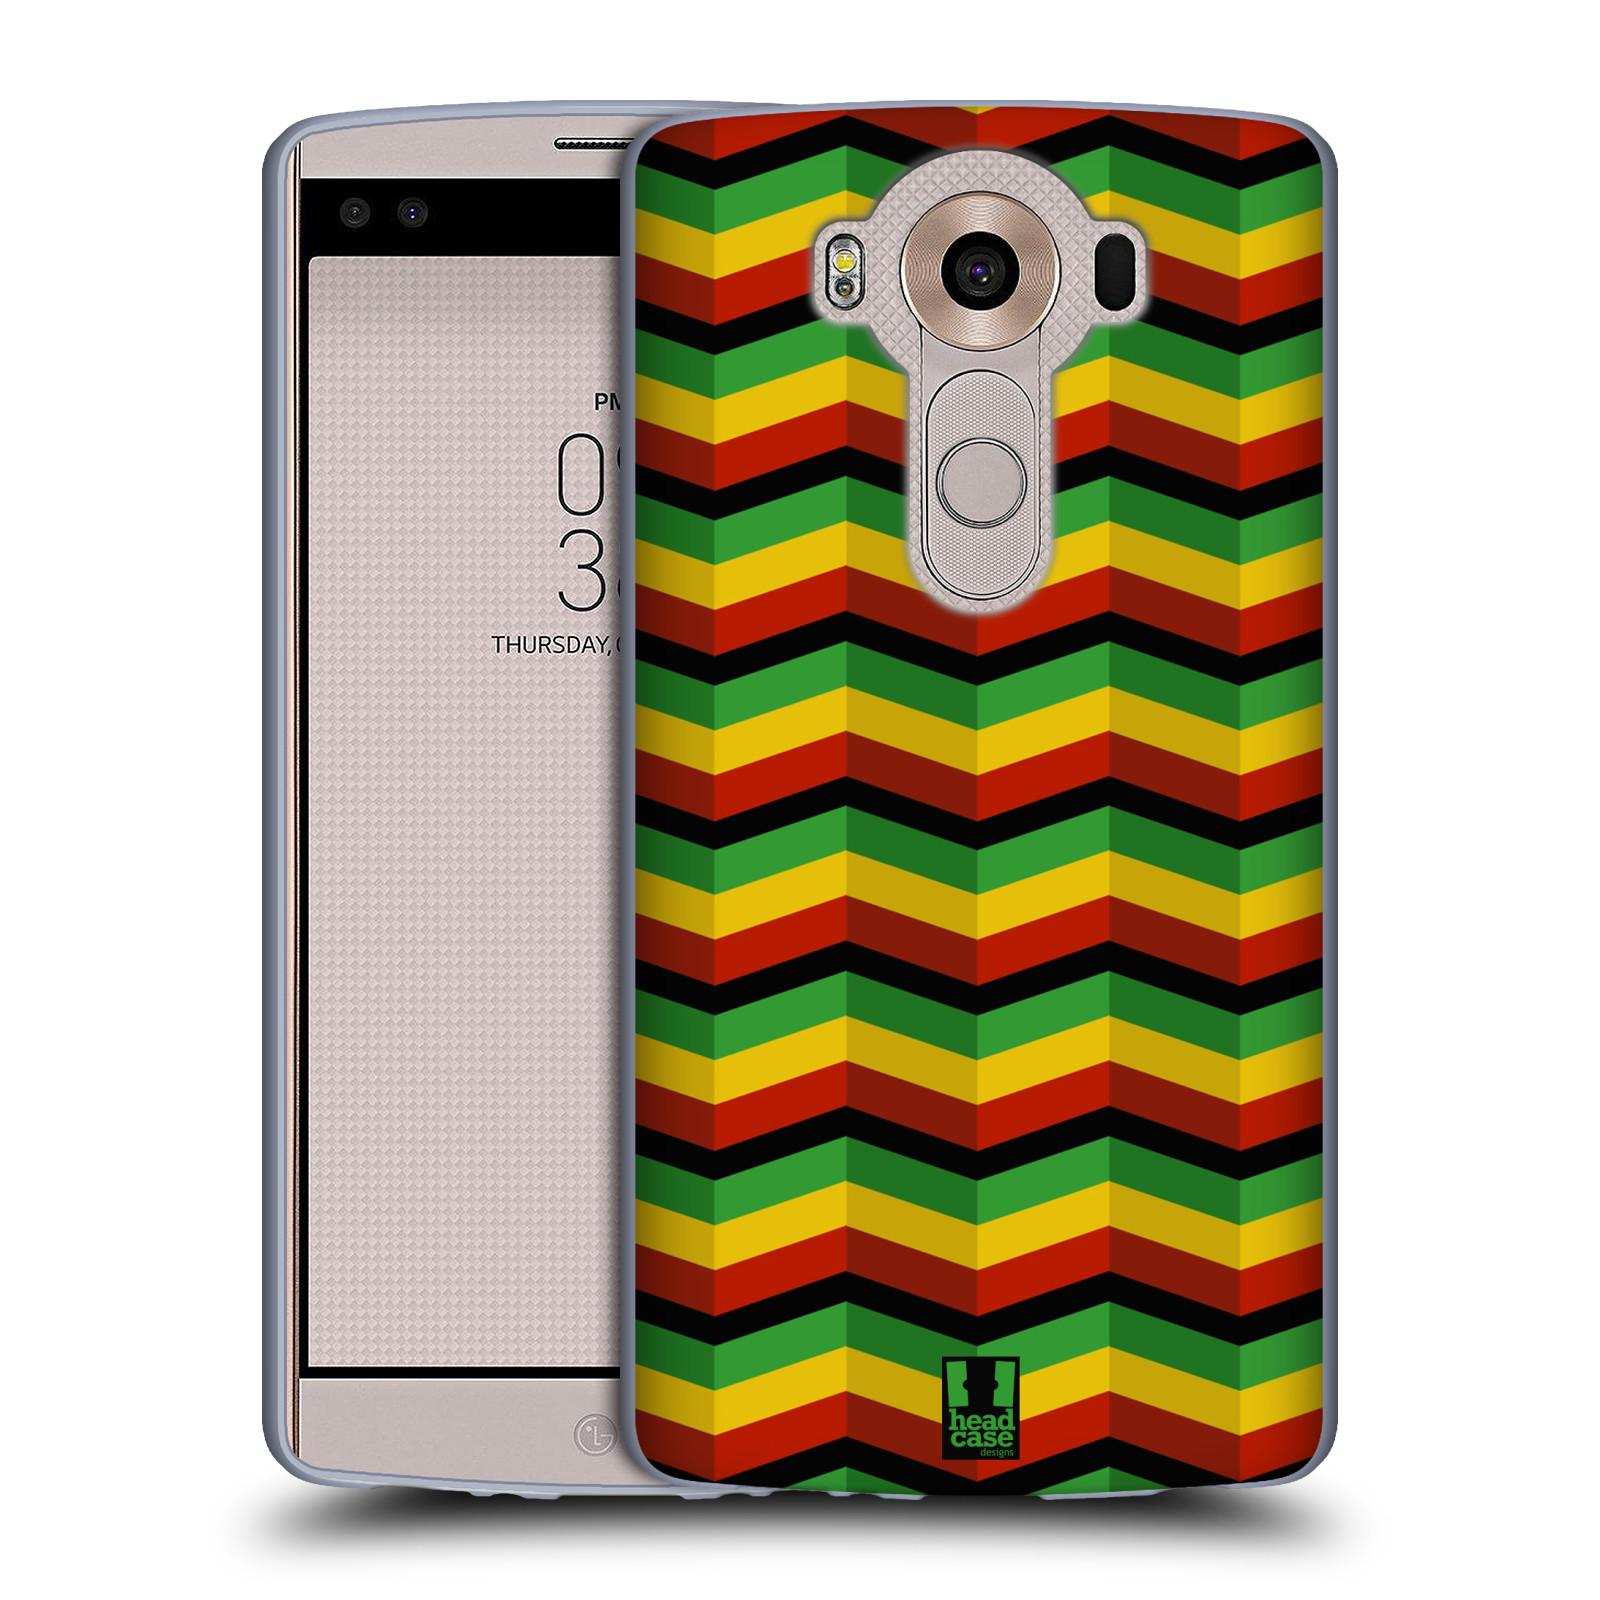 HEAD CASE silikonový obal na mobil LG V10 (H960A) vzor Rasta barevné vzory CHEVRON